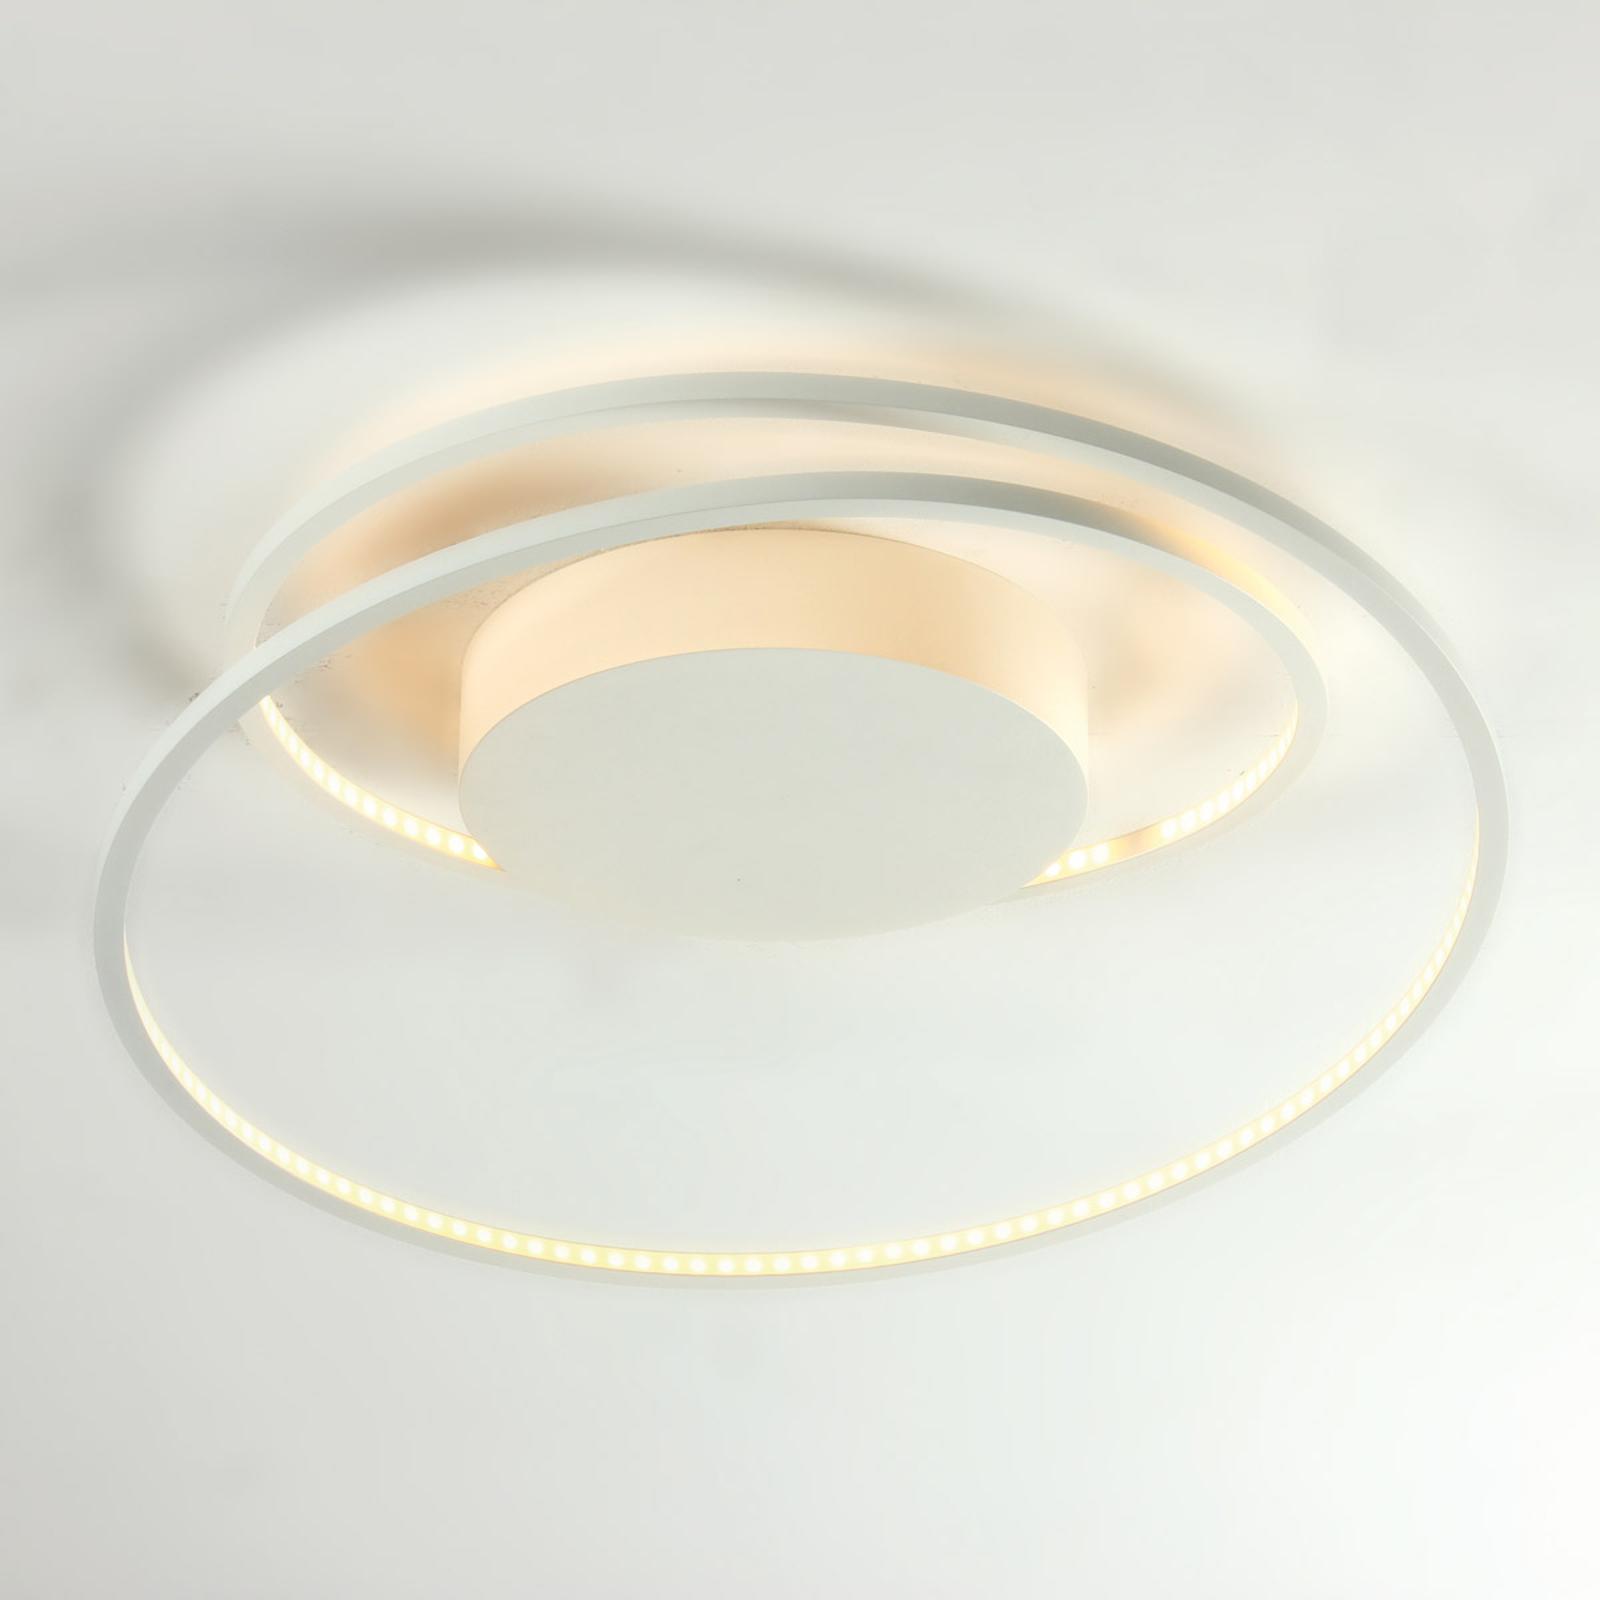 Exclusiva lámpara de techo LED Arroba en blanco